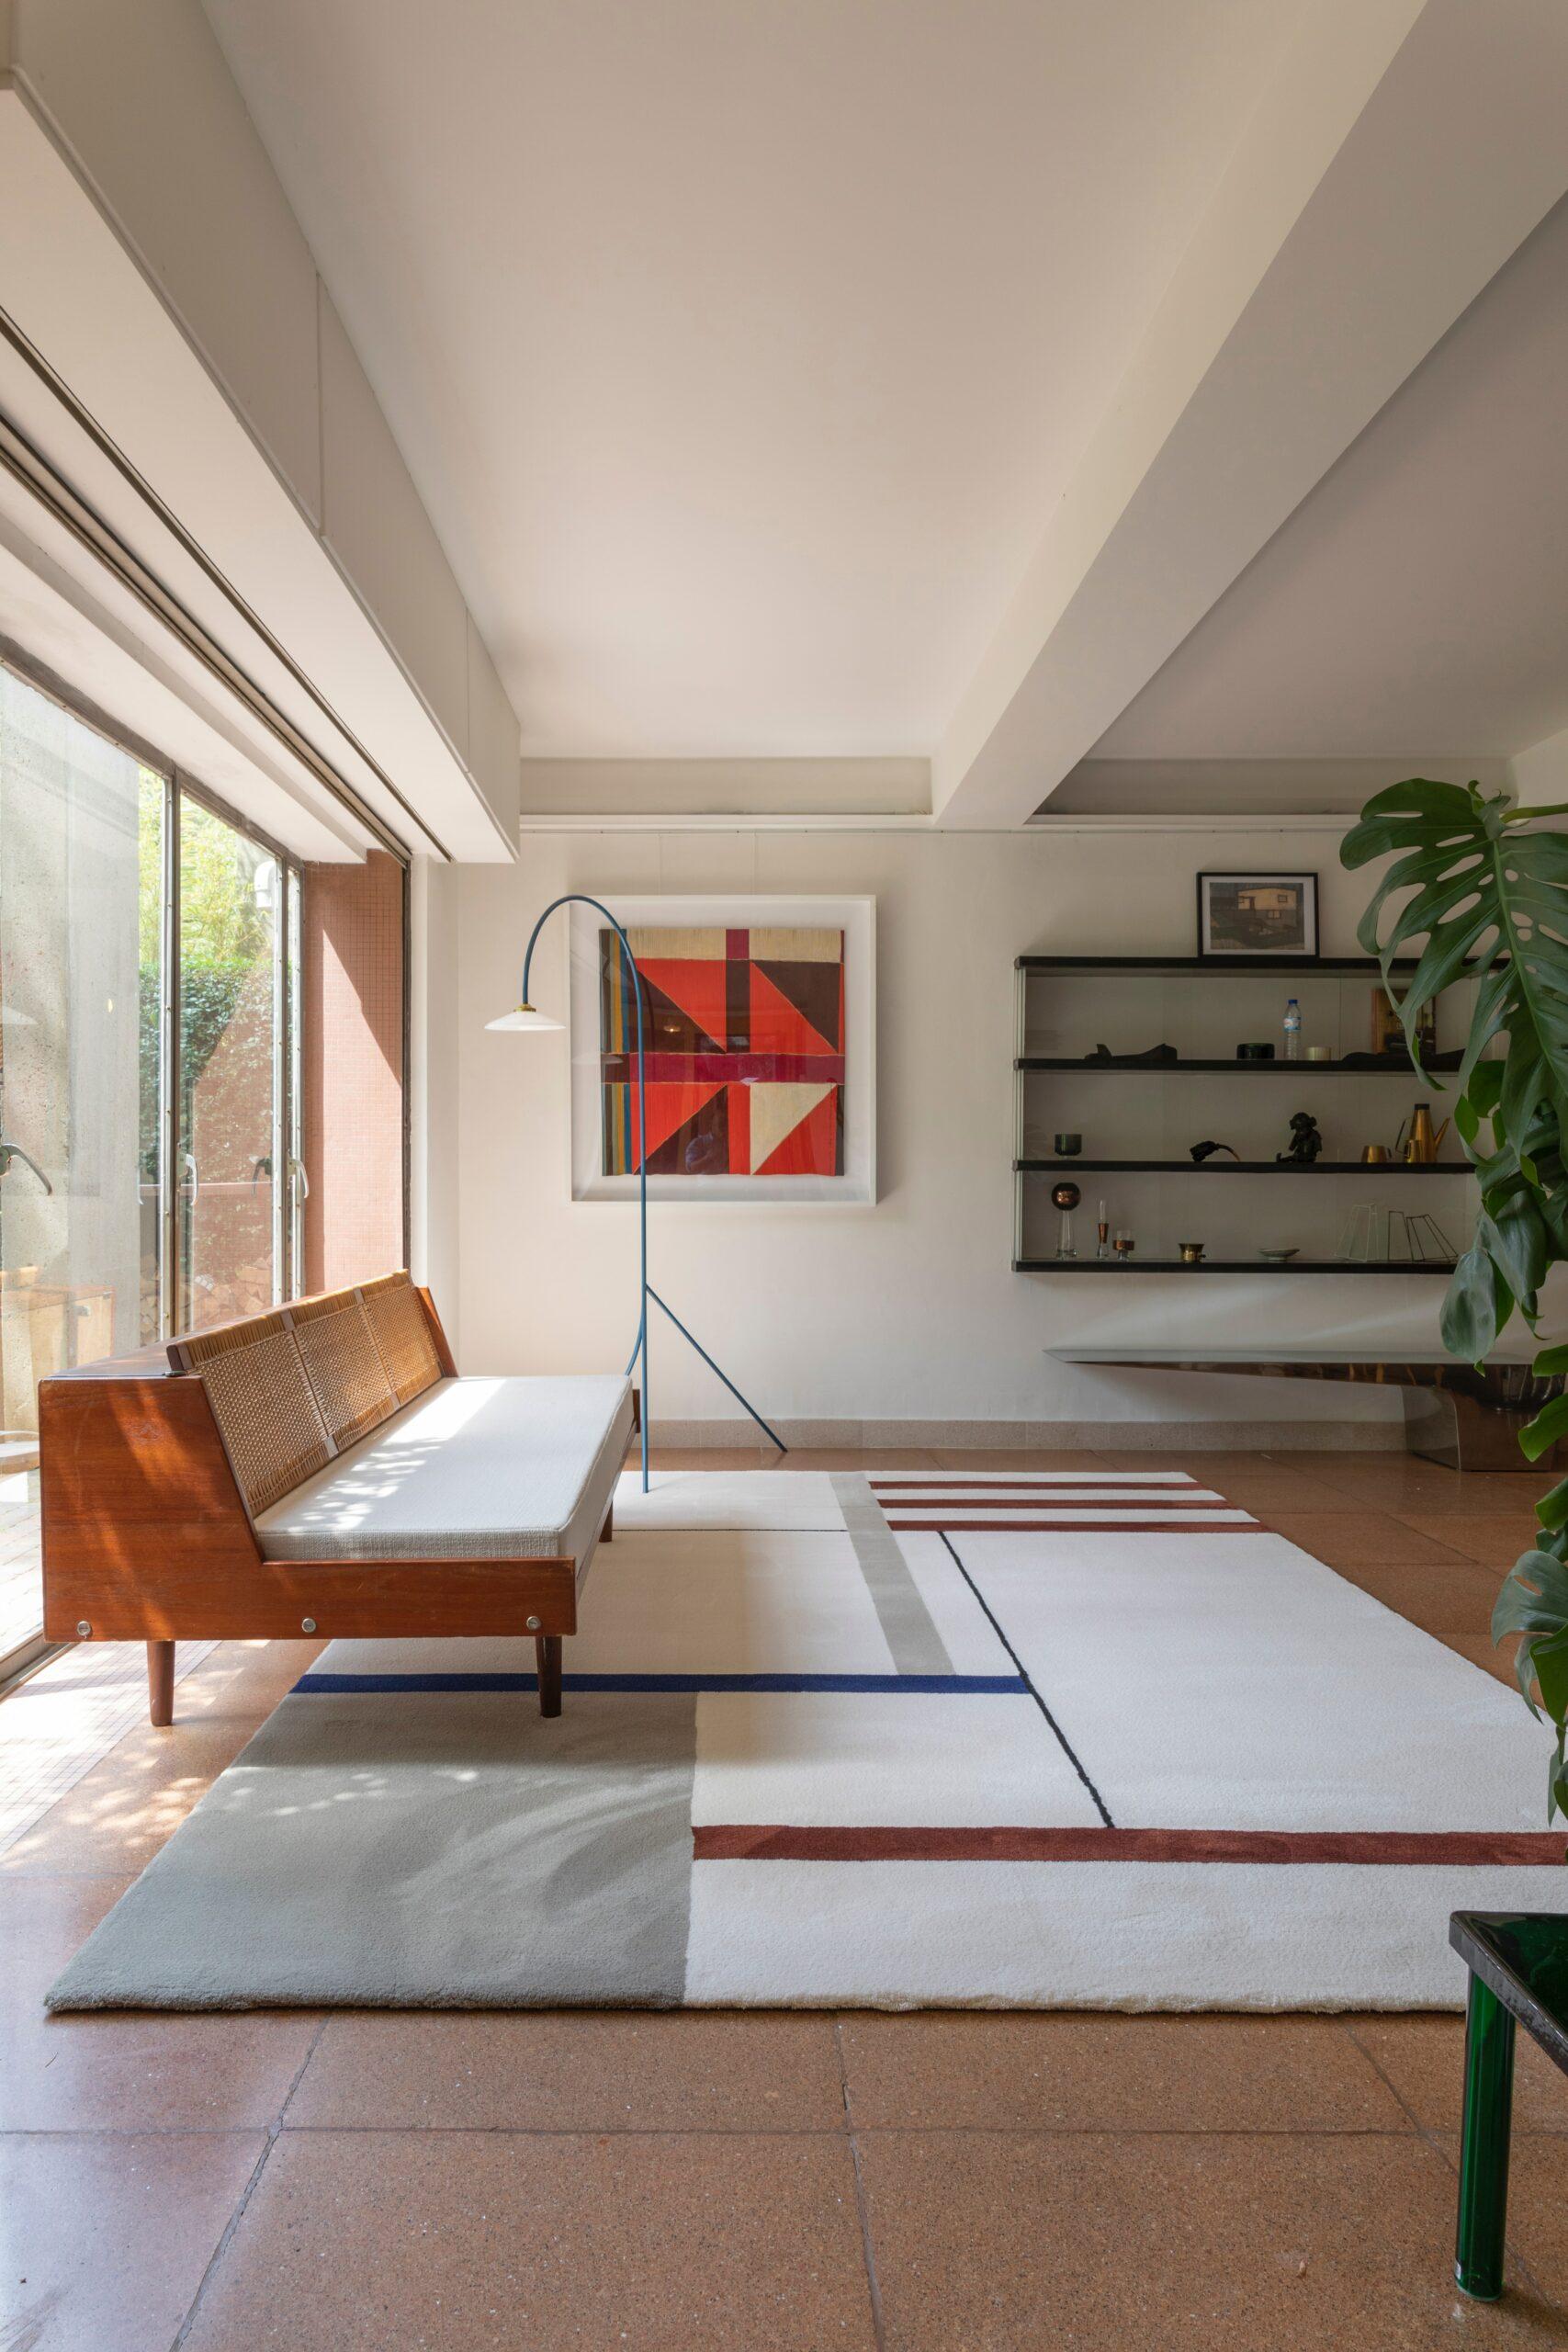 Inviter le Bauhaus dans votre intérieur